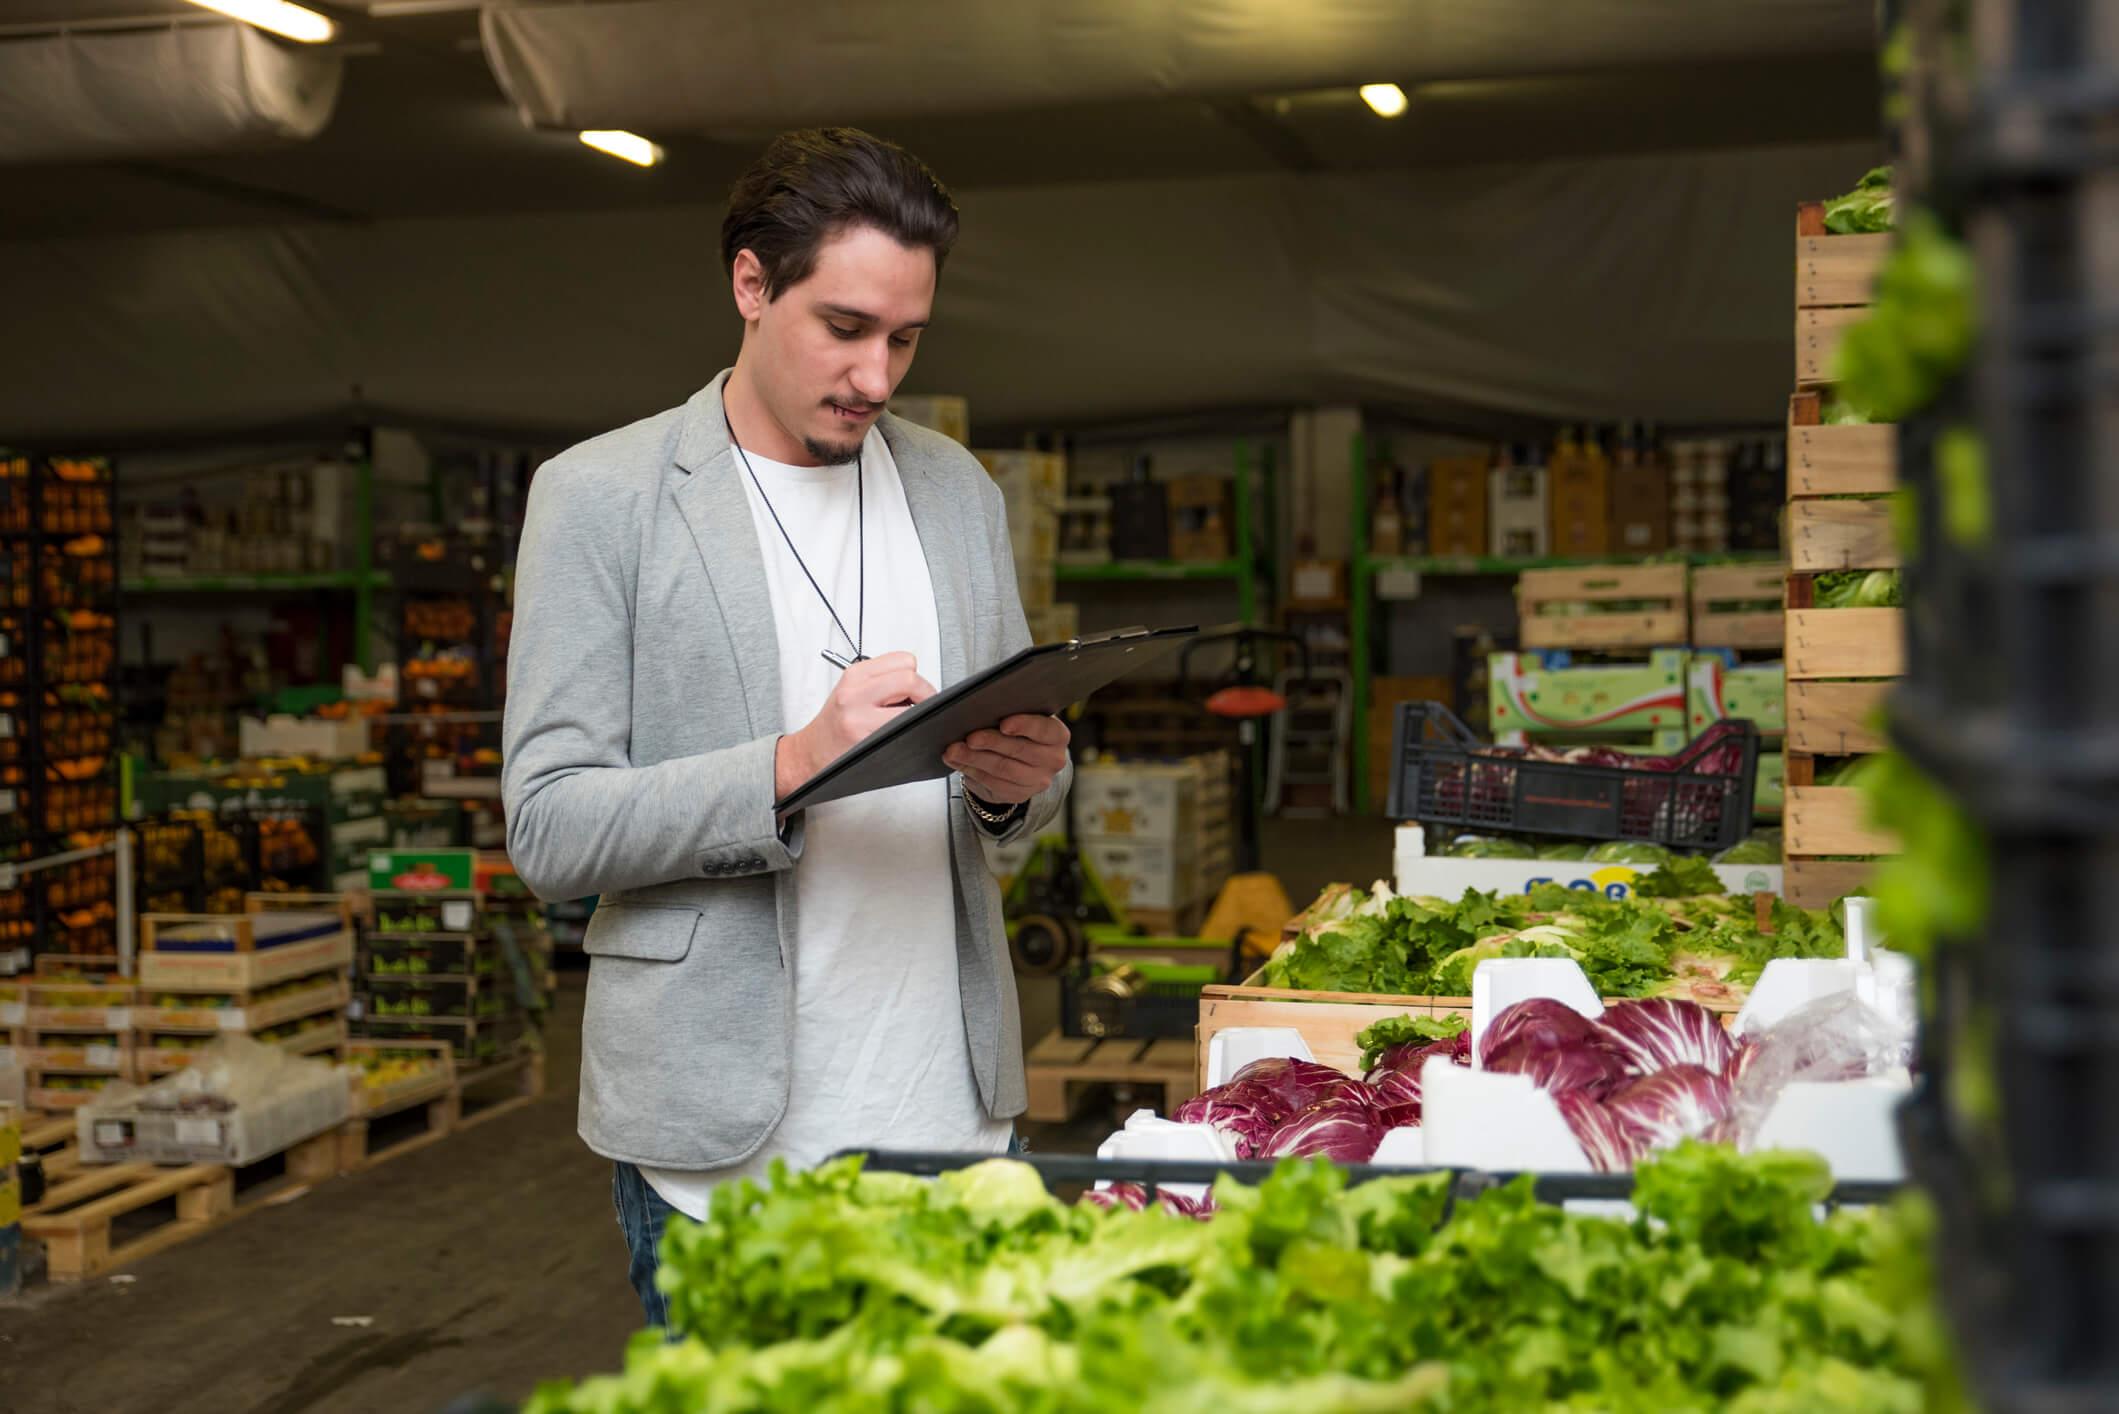 como escolher fornecedores para industria de alimentos